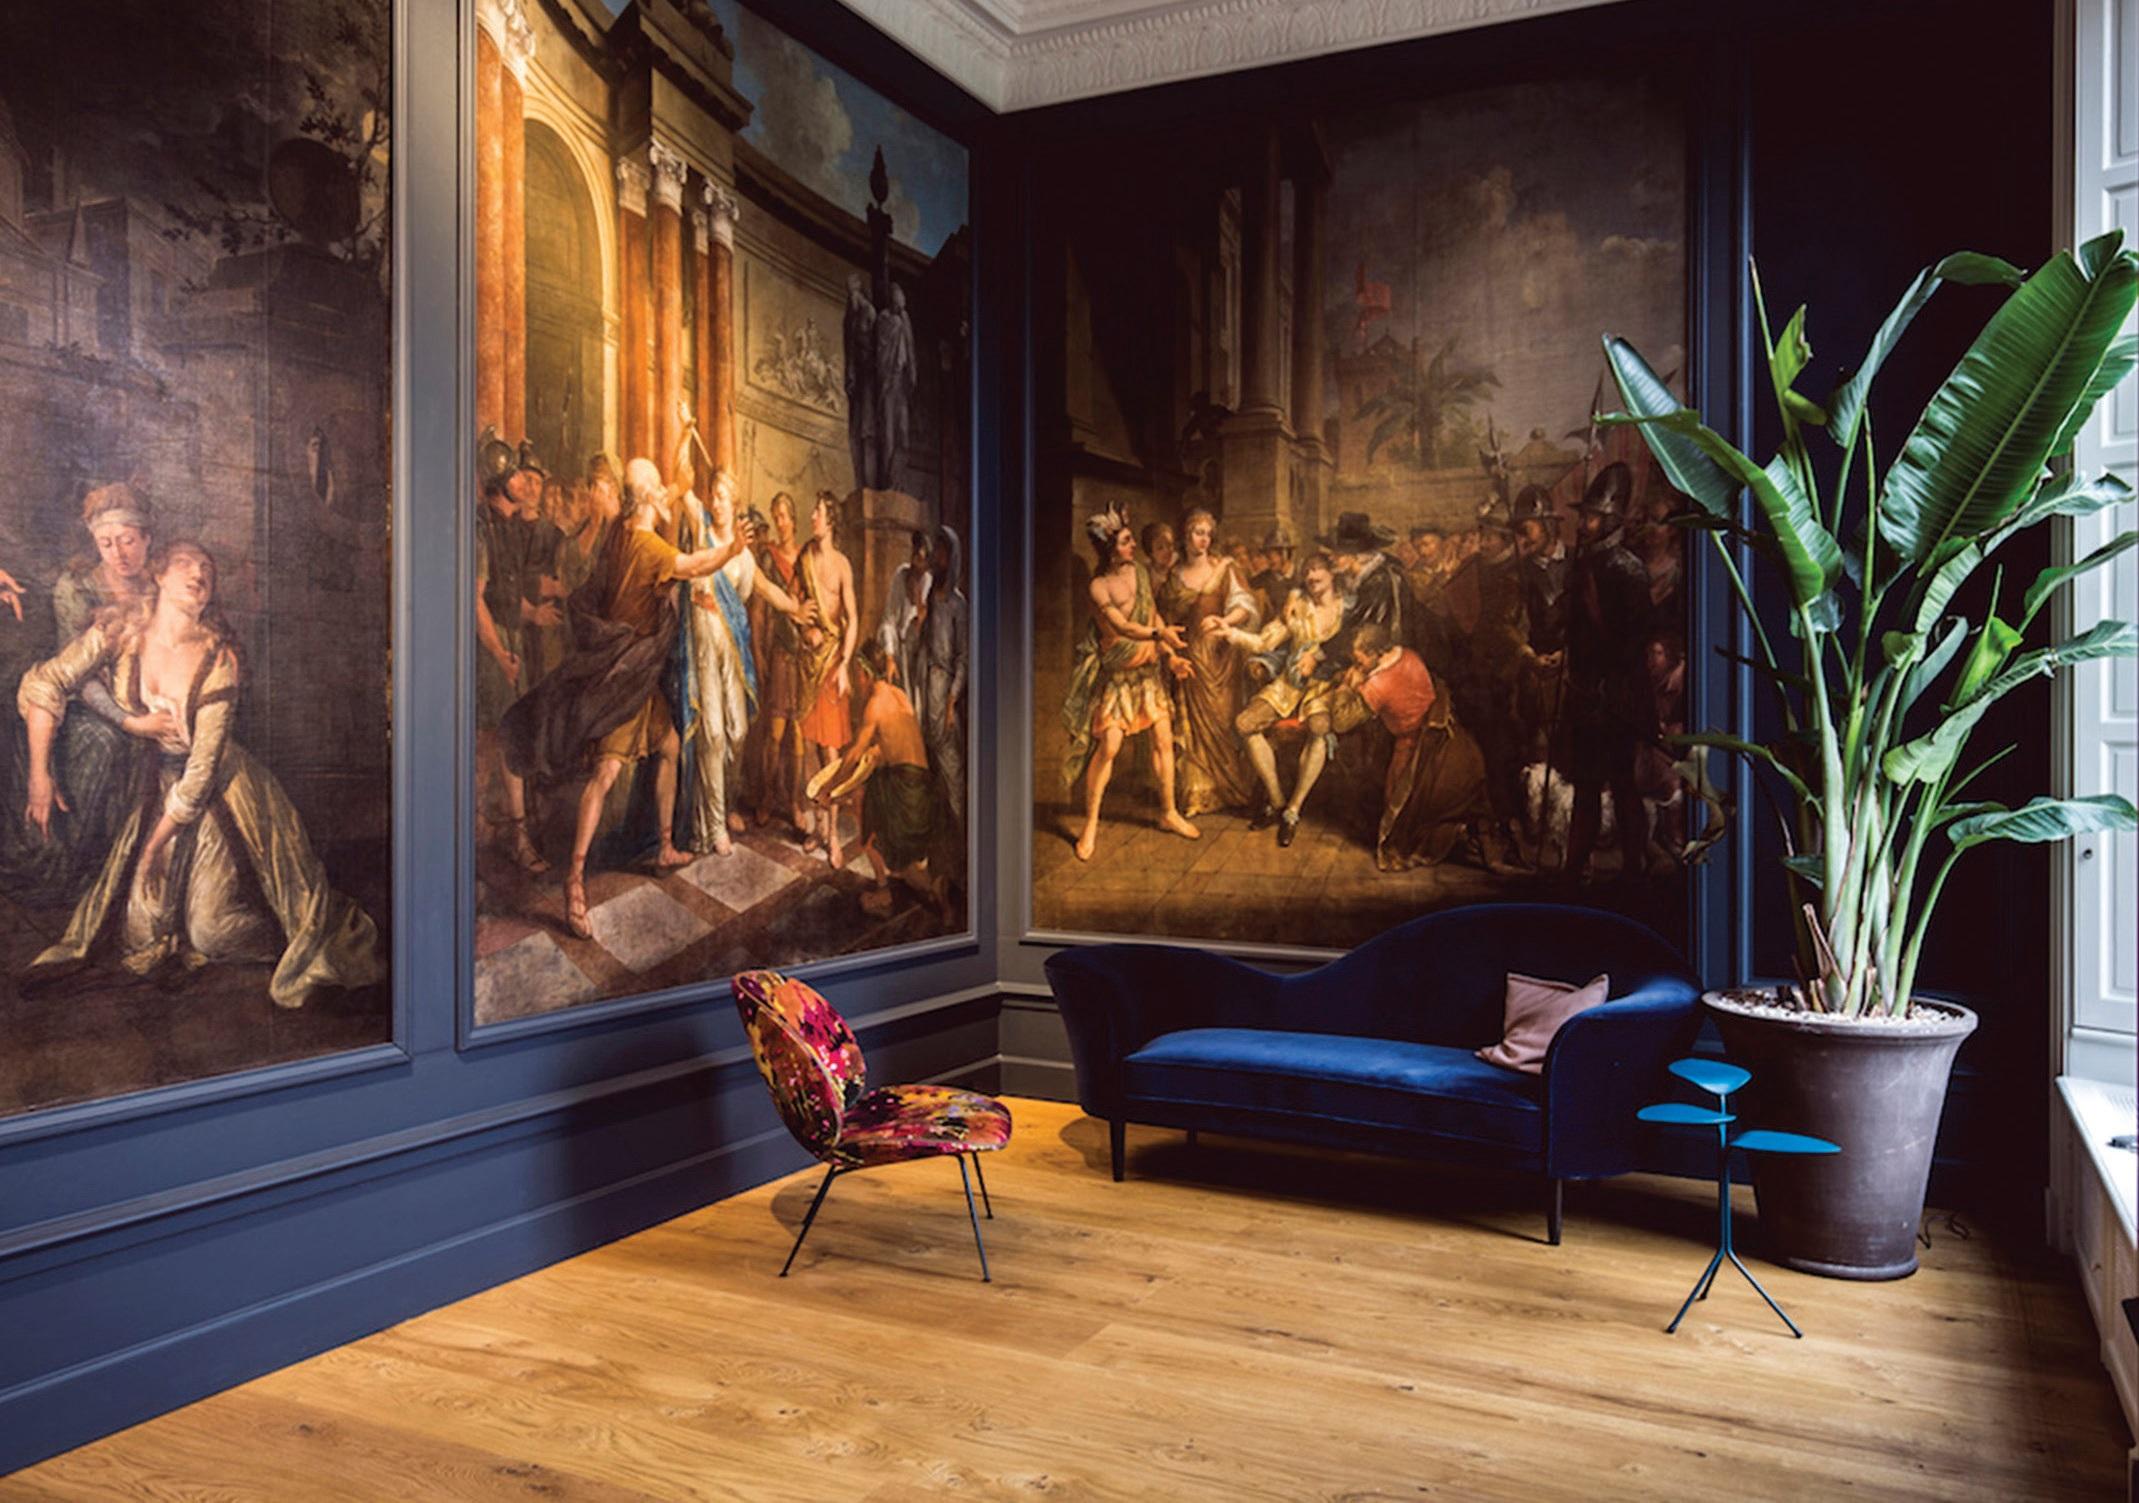 Puikus pavyzdys, kaip Liudviko XVI laikų erdvėje dera šiuolaikinių dizainerių sukurti baldai. Jie suteikia interjerui gyvybės ir byloja apie neišvengiamą laiko tėkmę